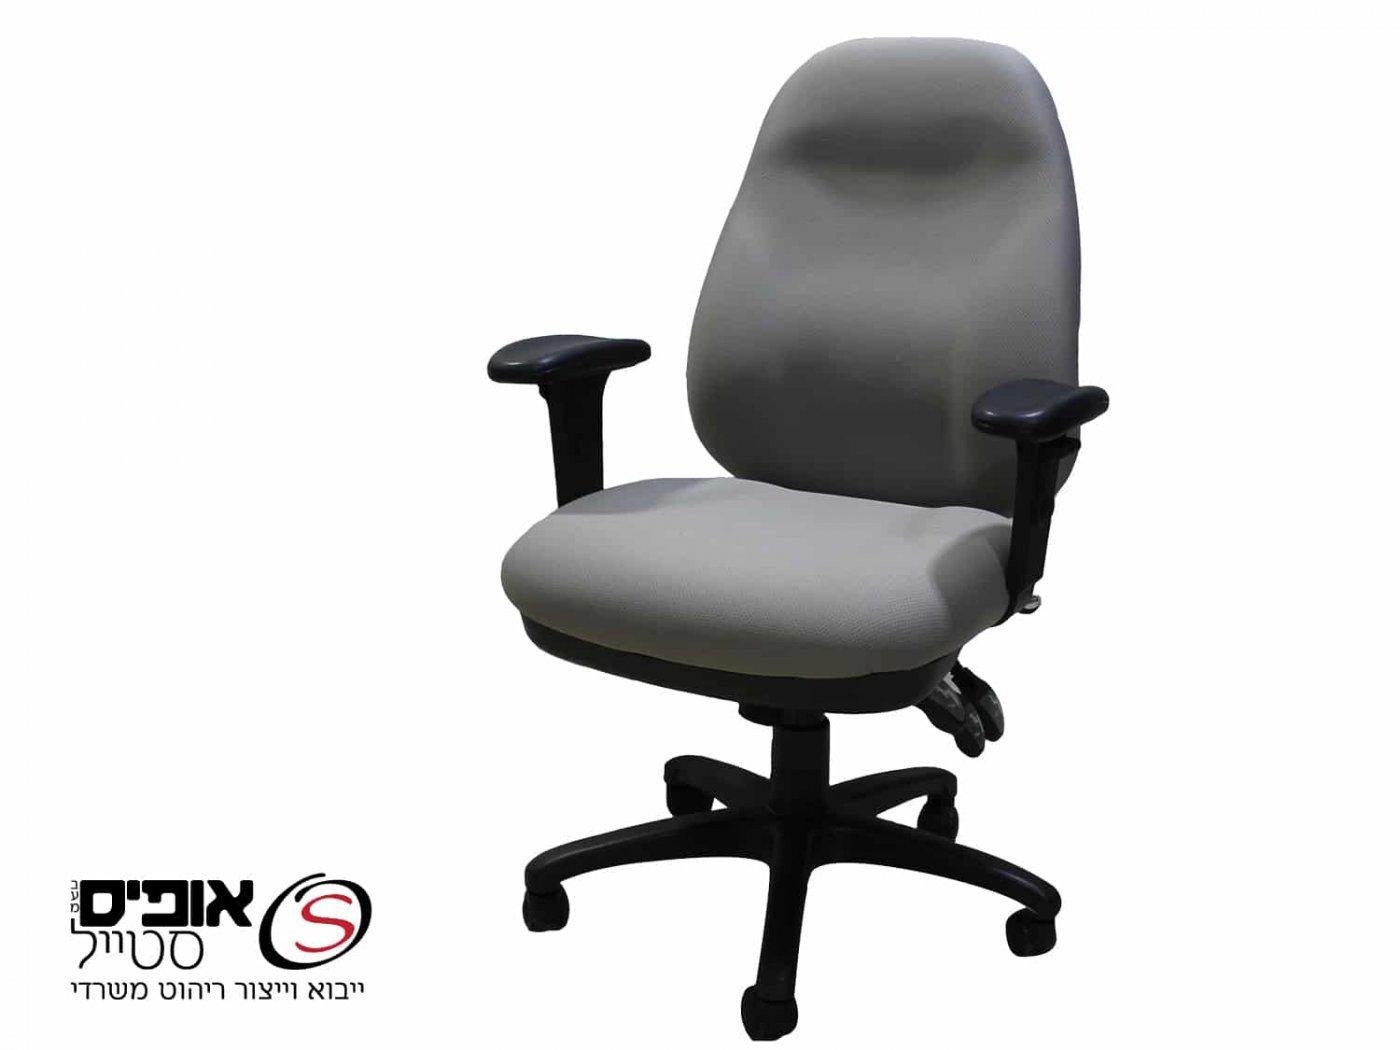 כסא מחשב מילניום המקורי.